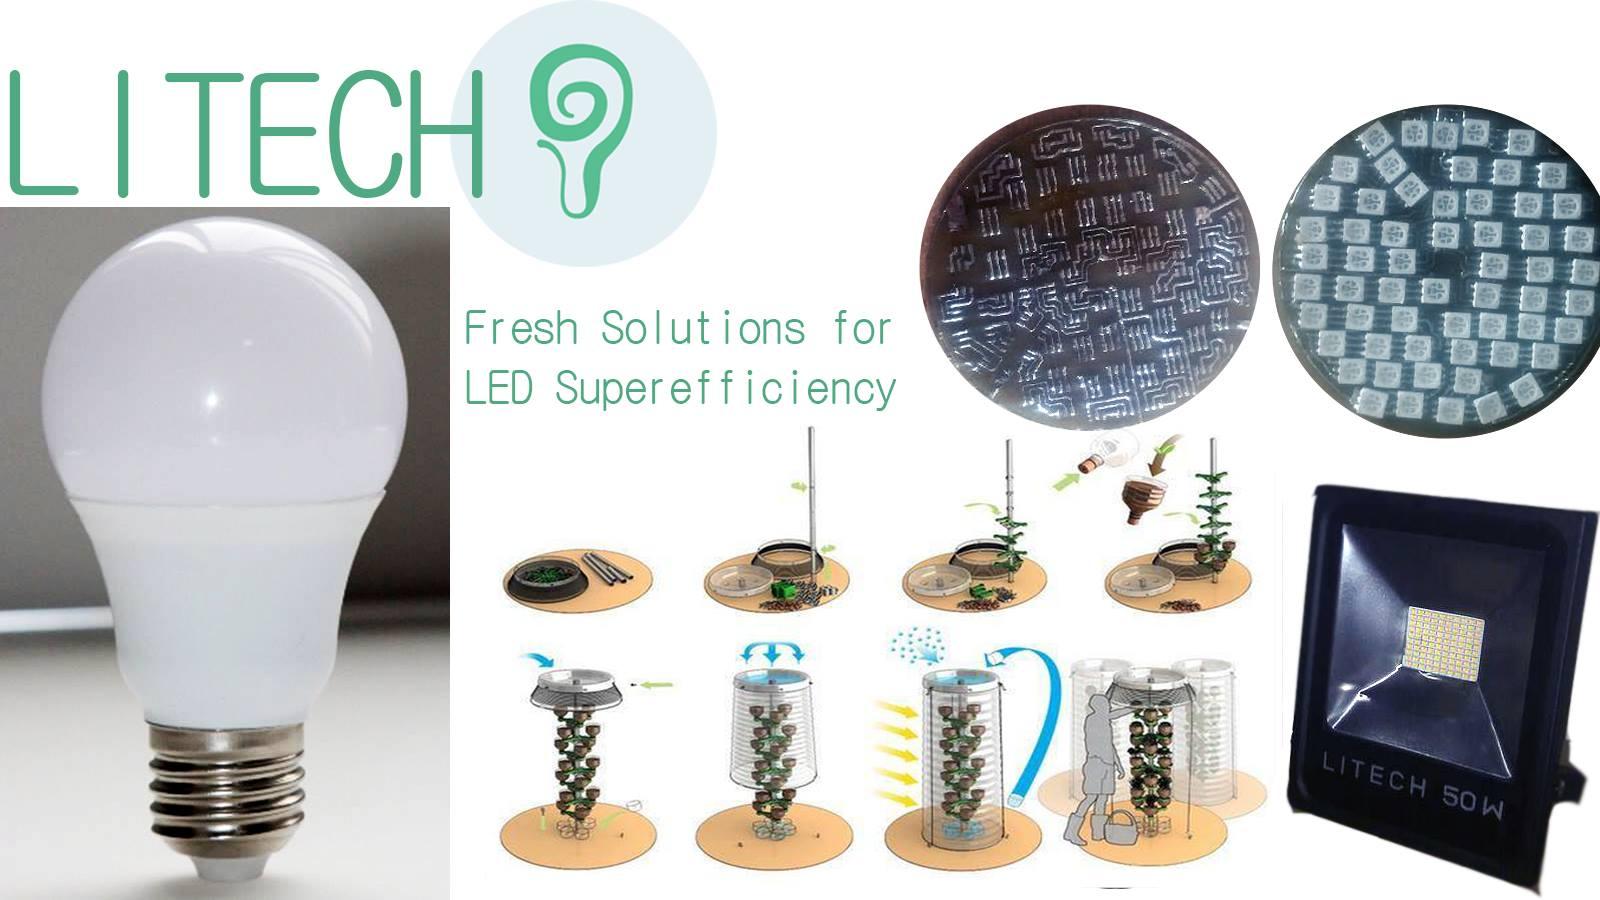 LiTech